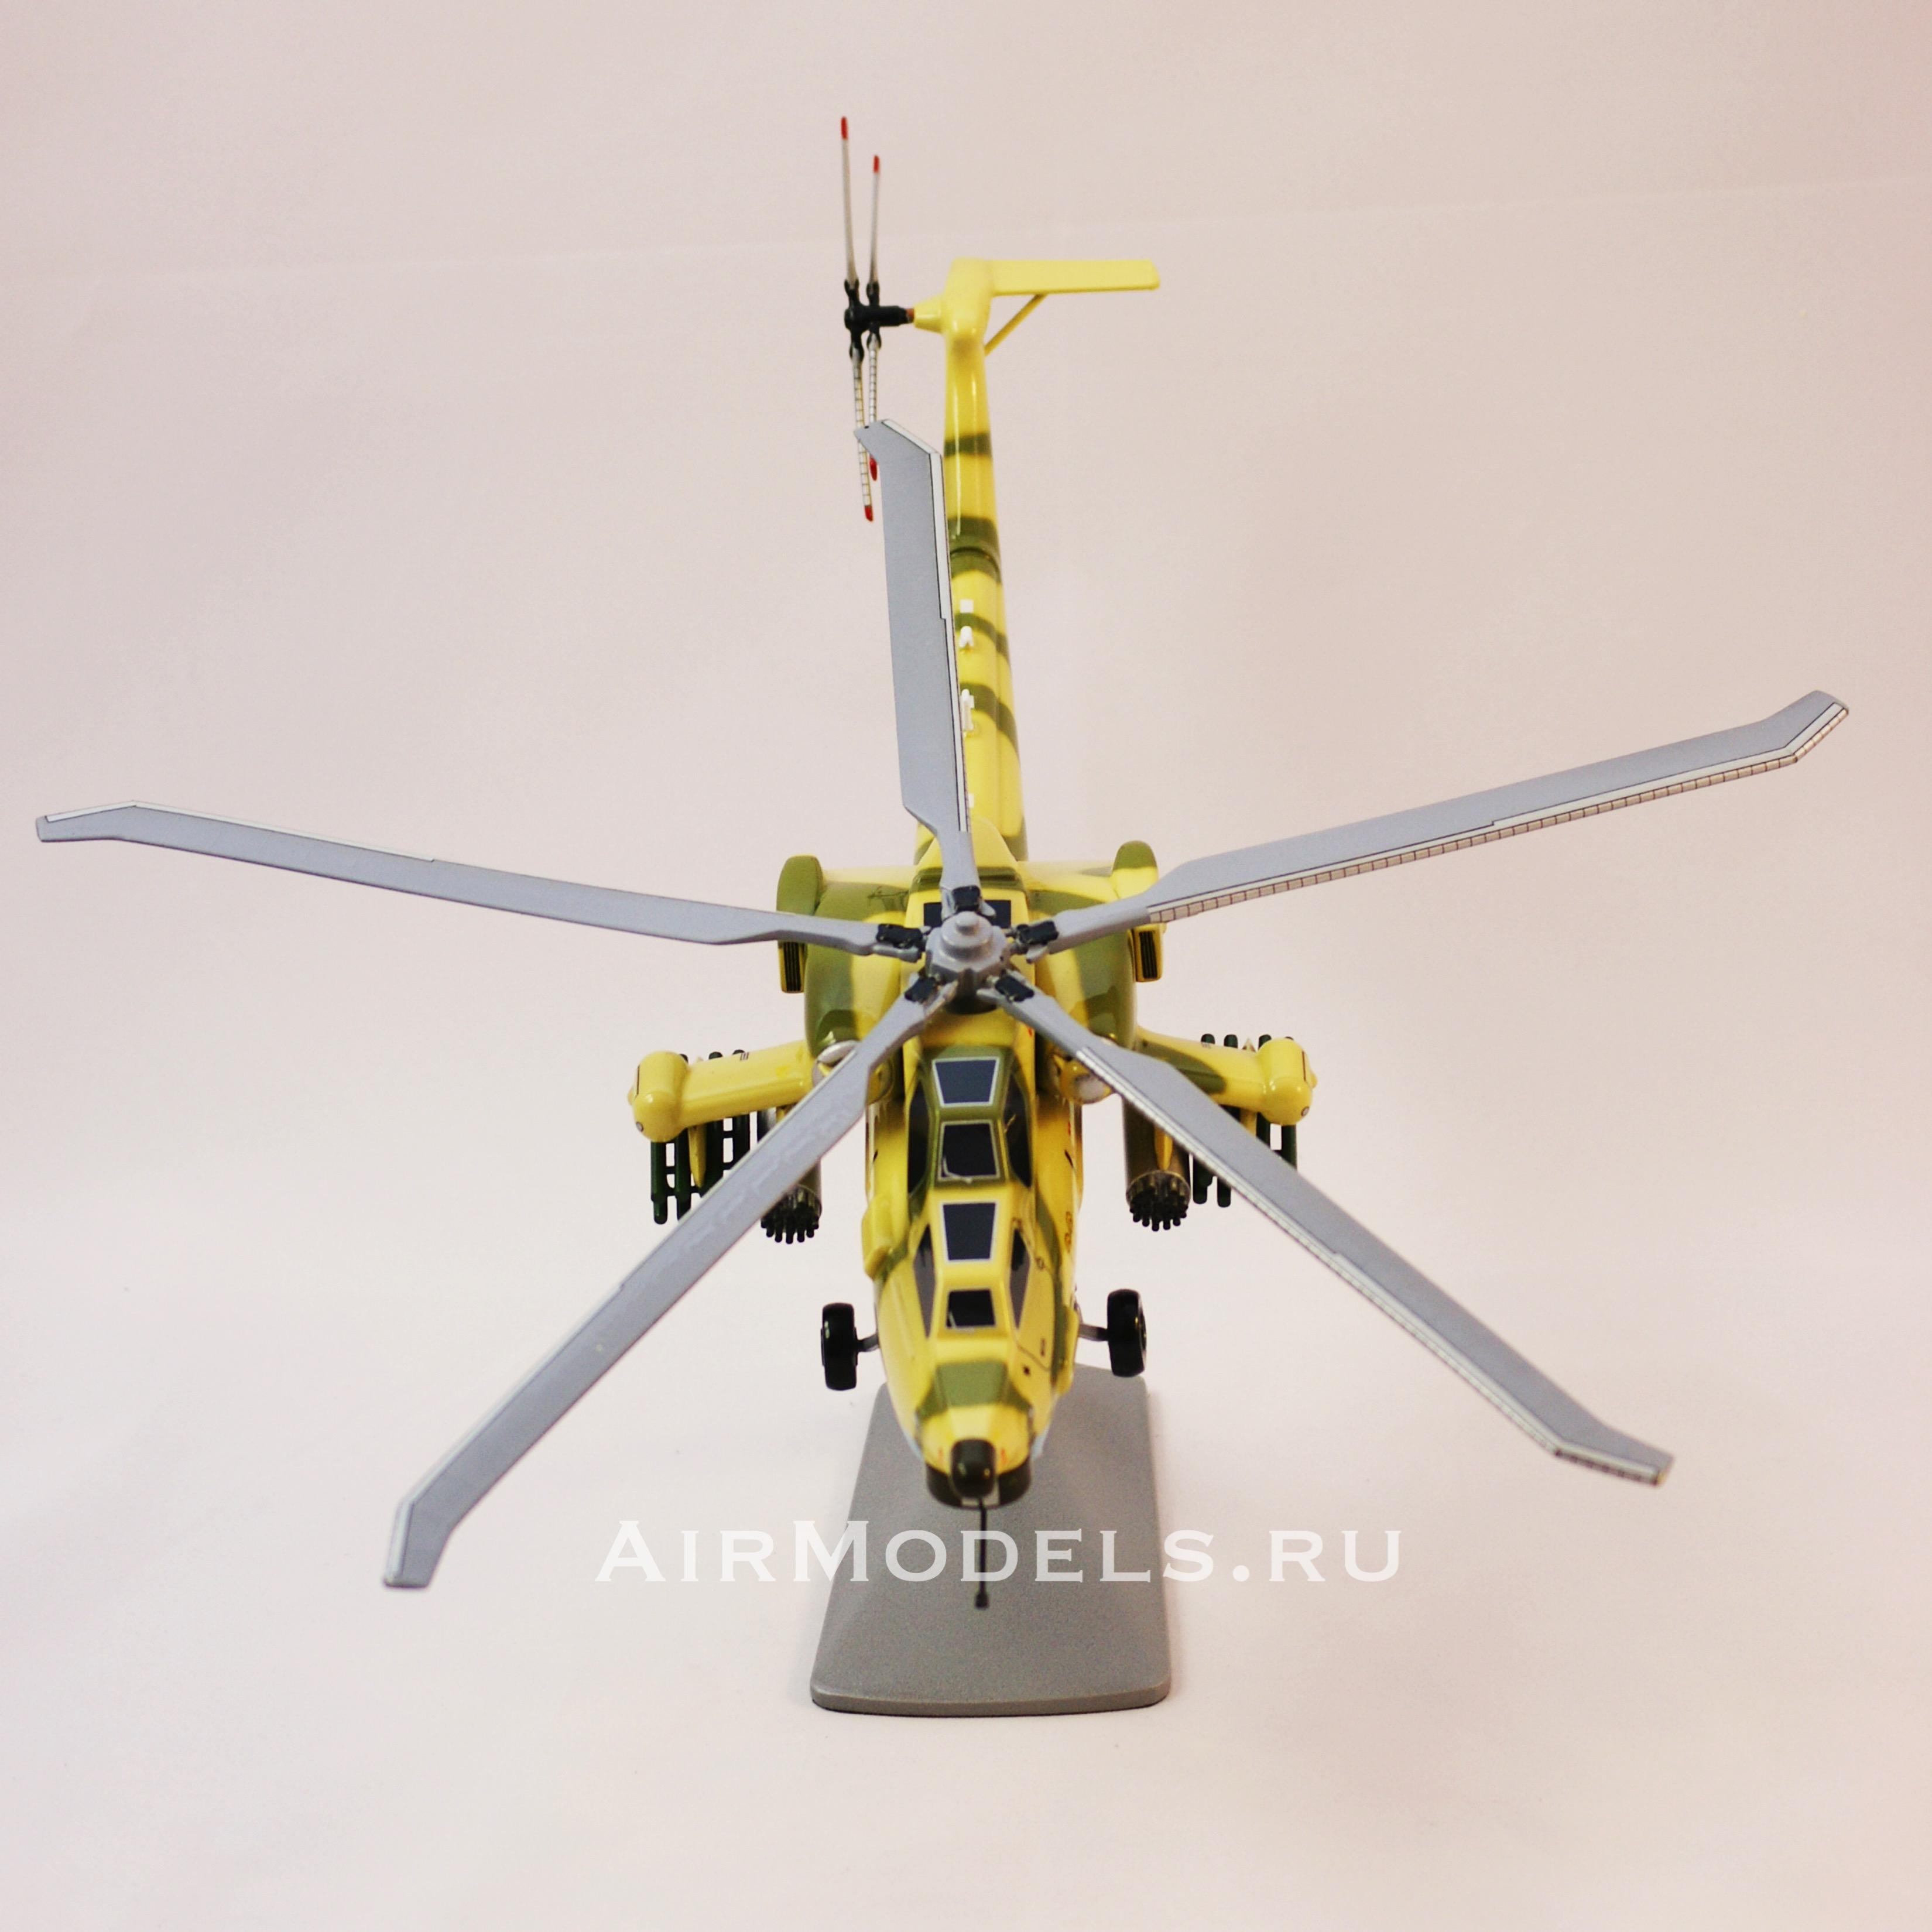 Модель вертолетаМи-28Н (1:48)